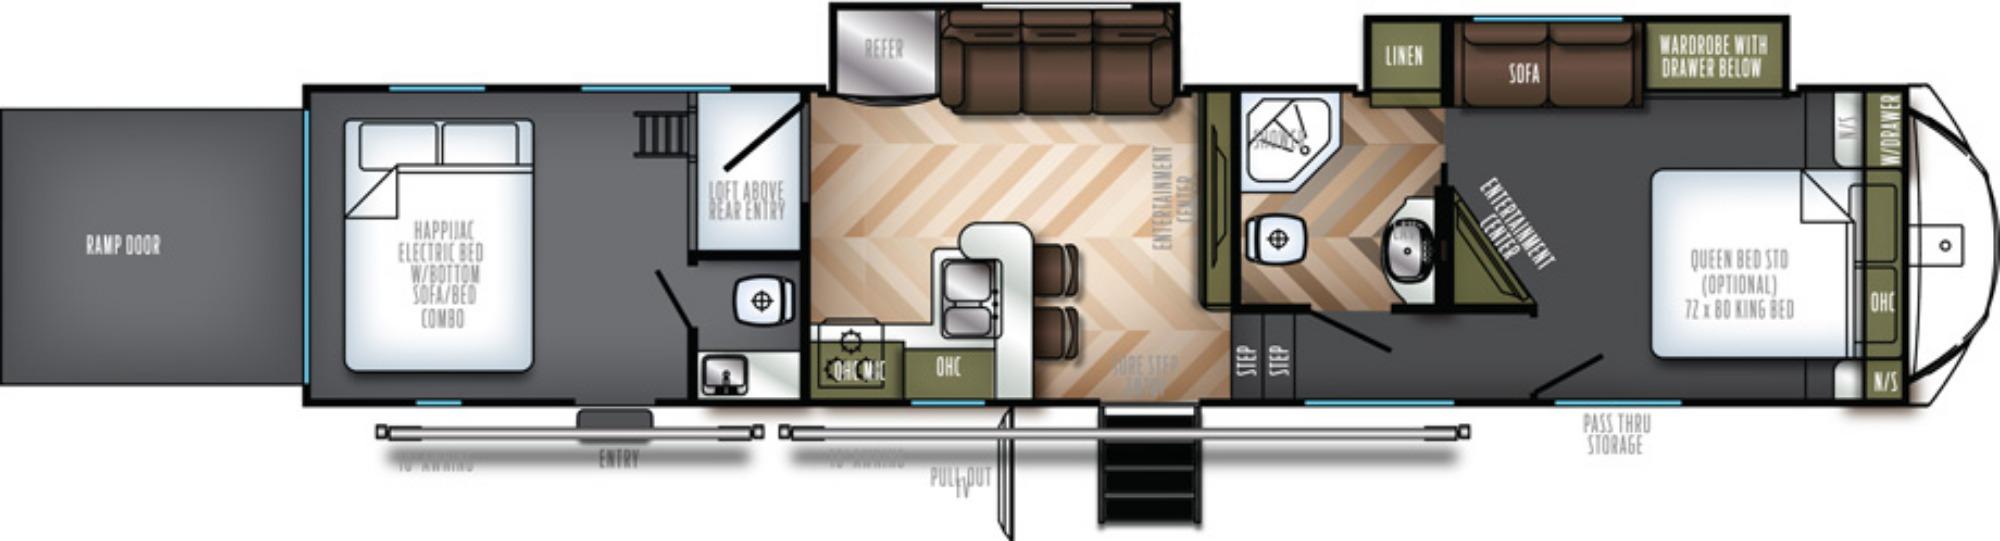 View Floor Plan for 2019 FOREST RIVER VENGEANCE 421V13